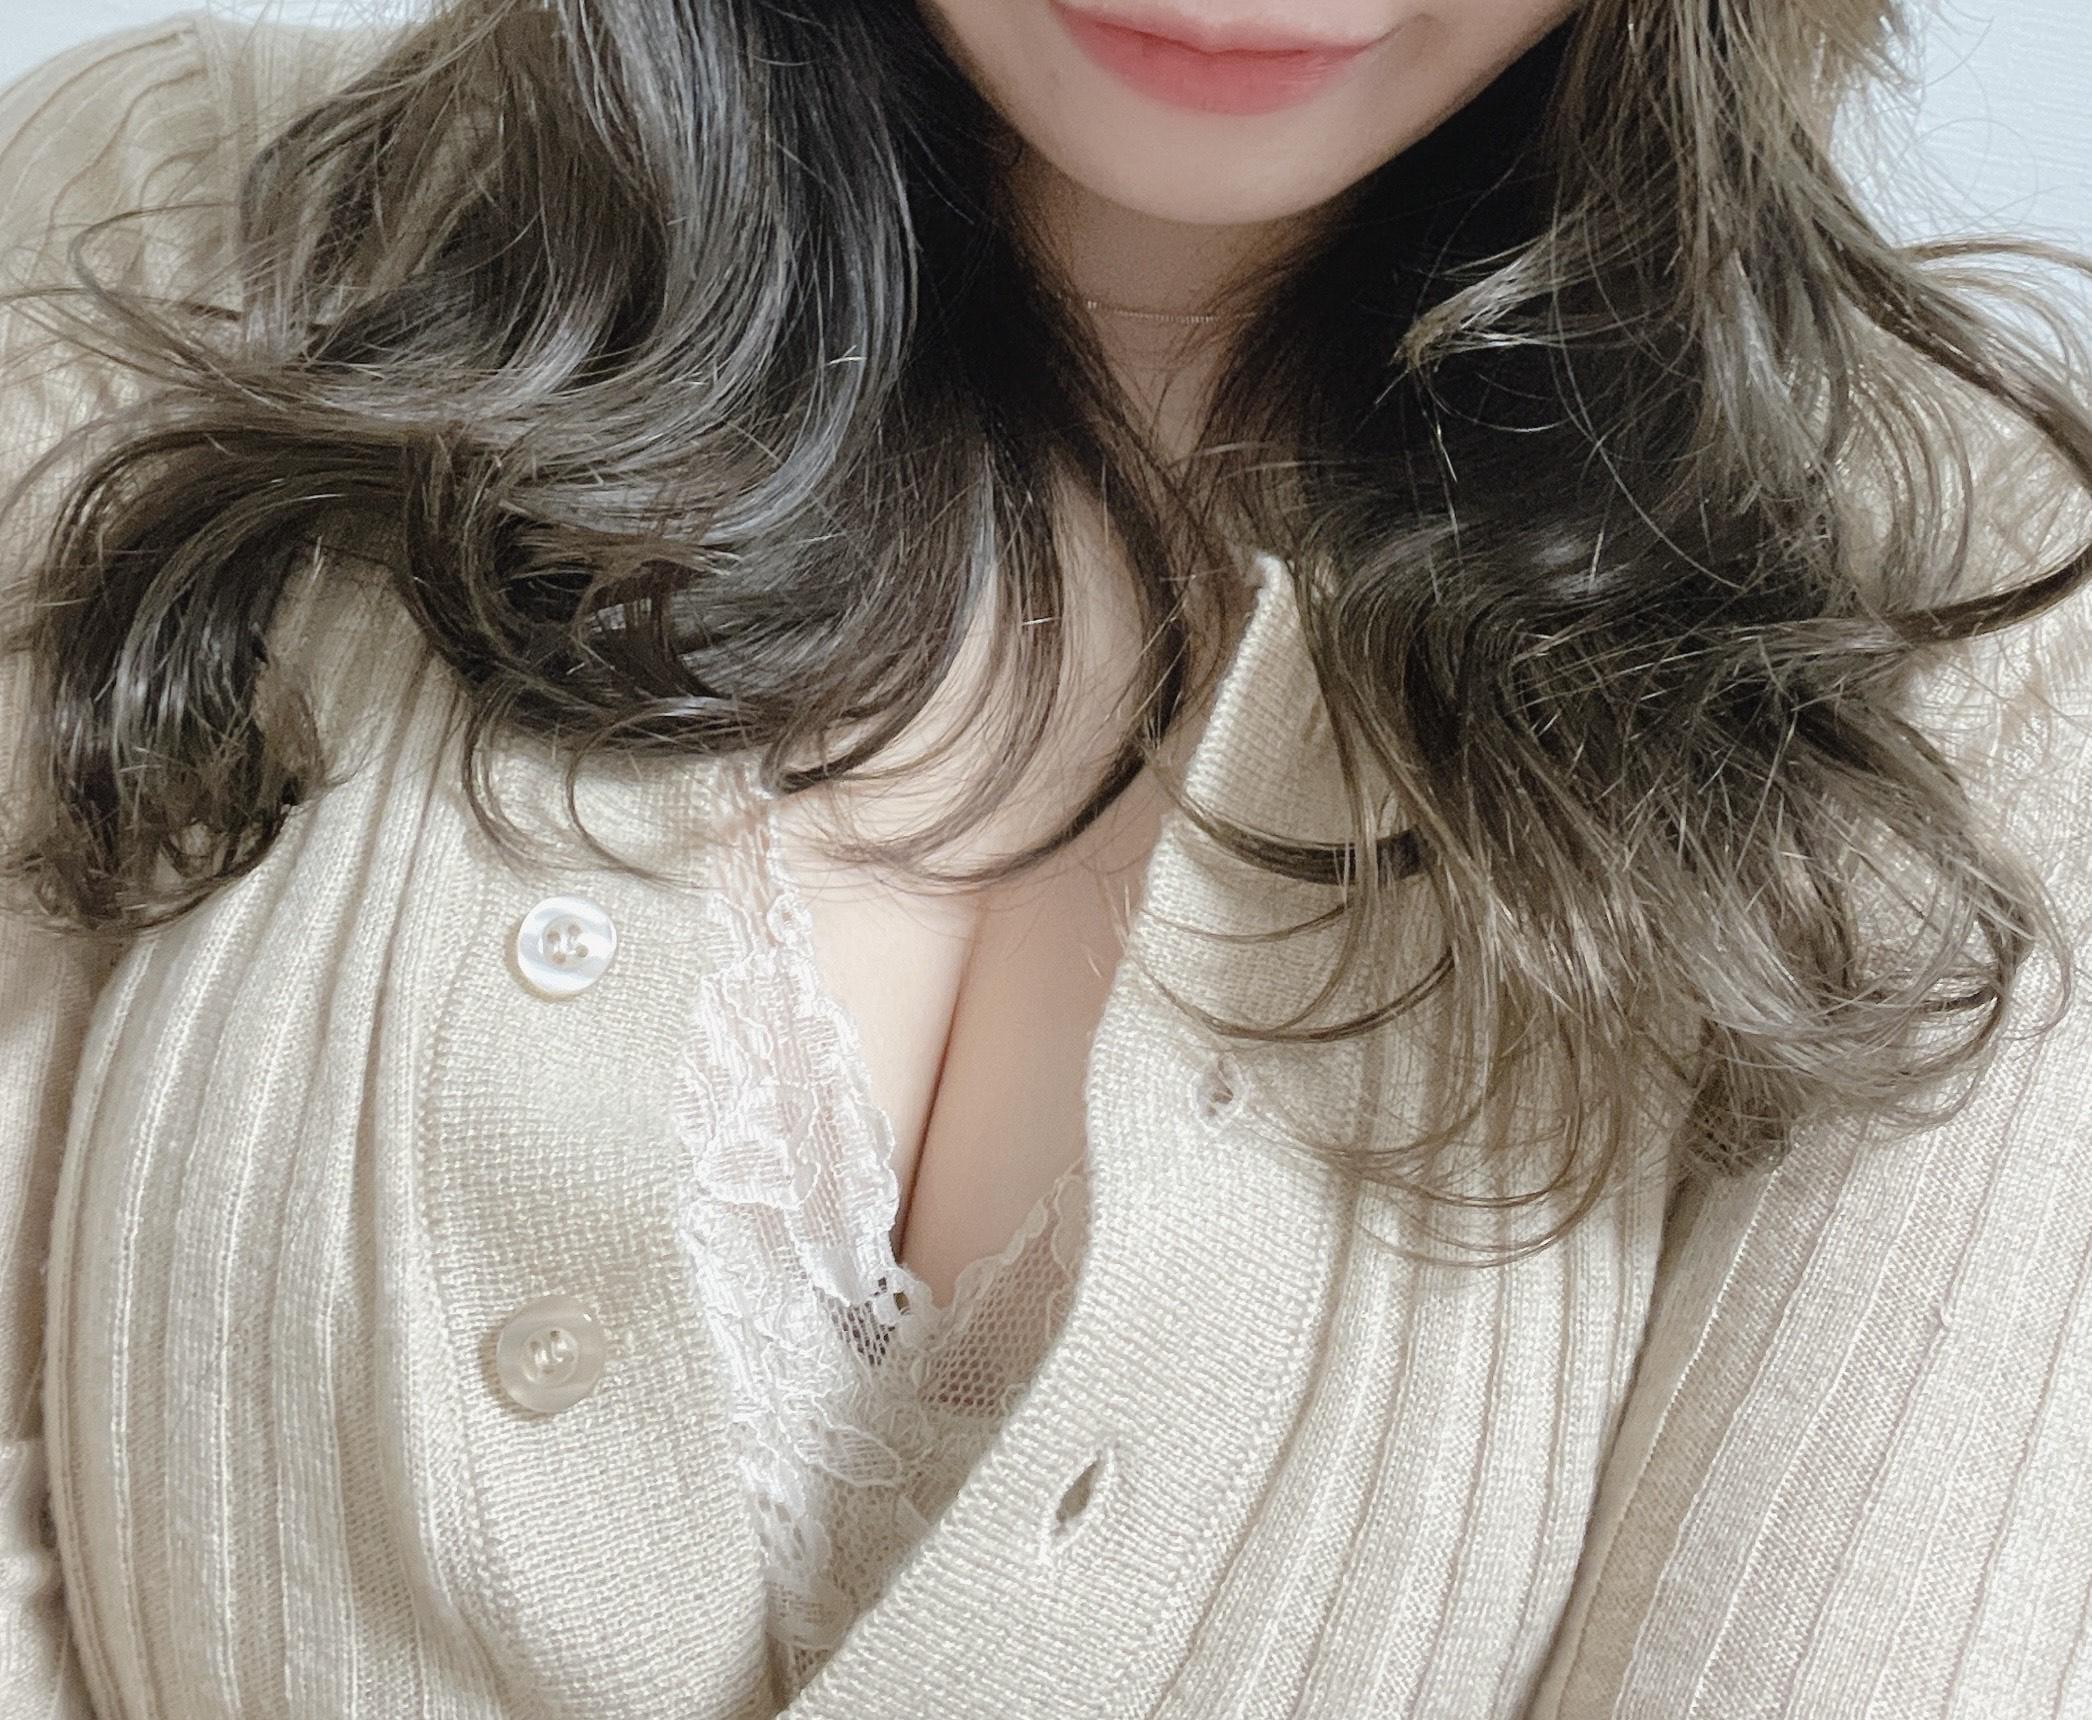 「こんにちは♪」02/14(02/14) 17:05 | ーララーの写メ・風俗動画